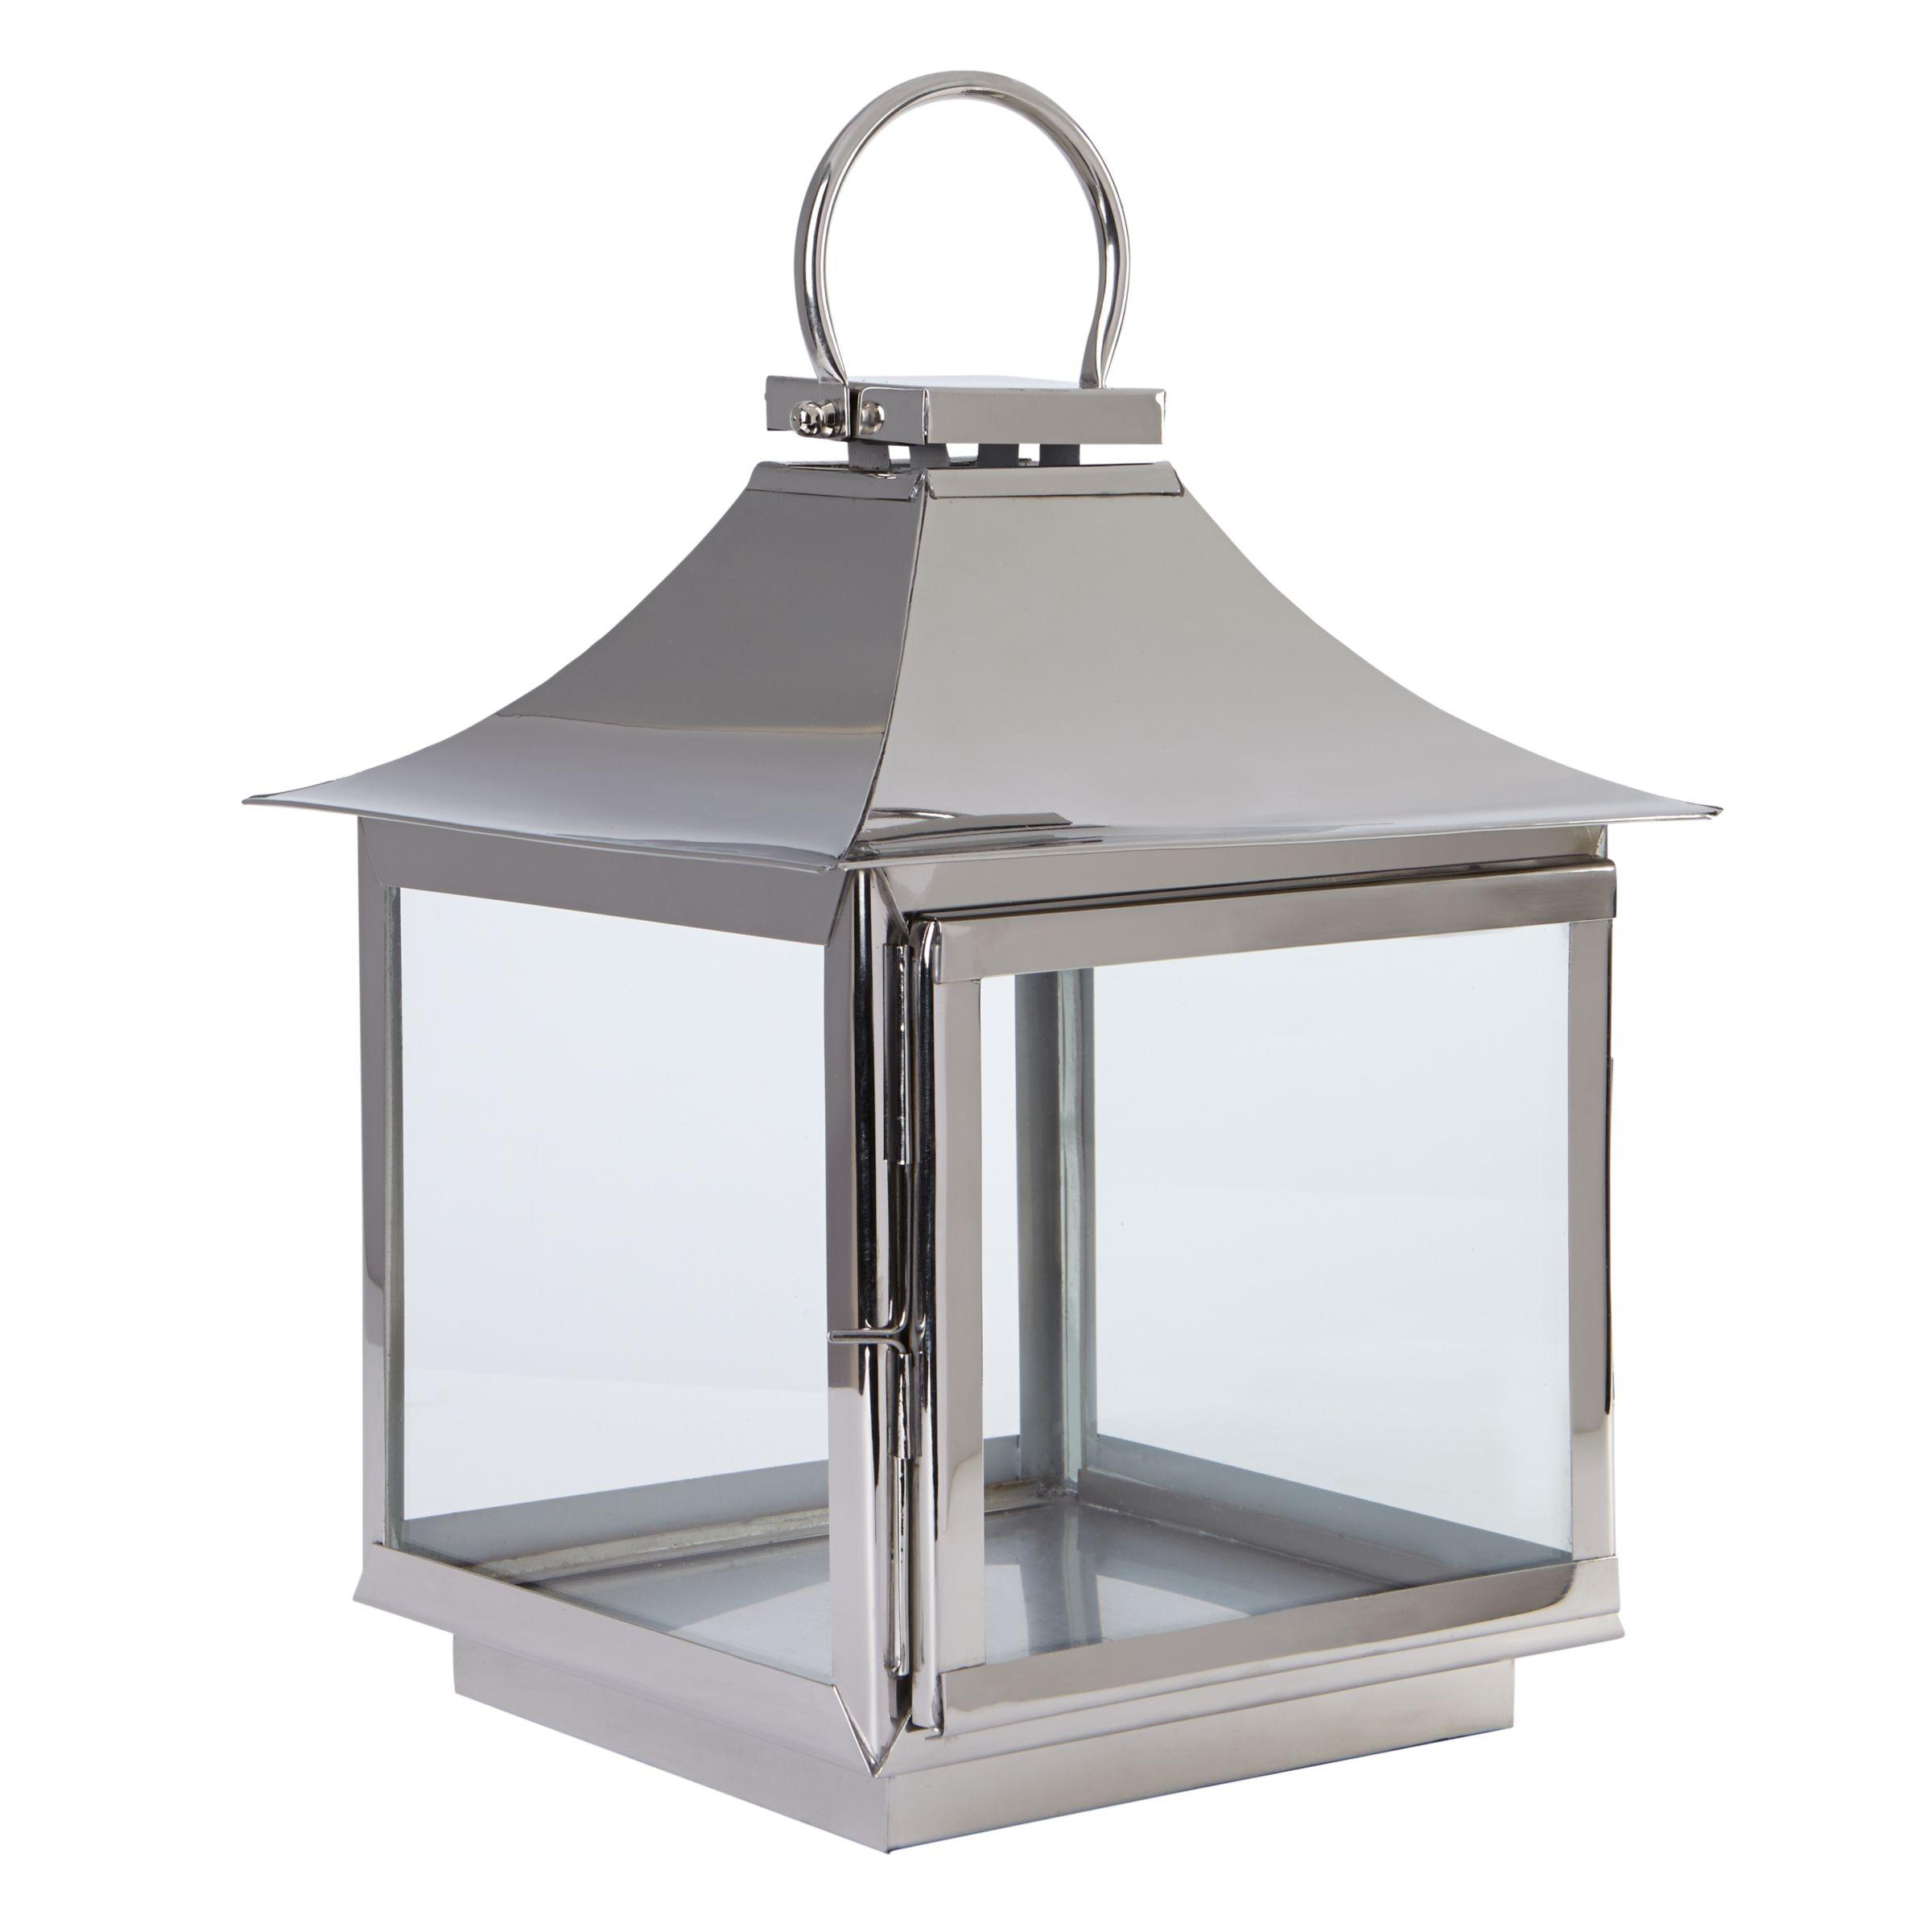 Foras Elveden Stainless Steel Lantern